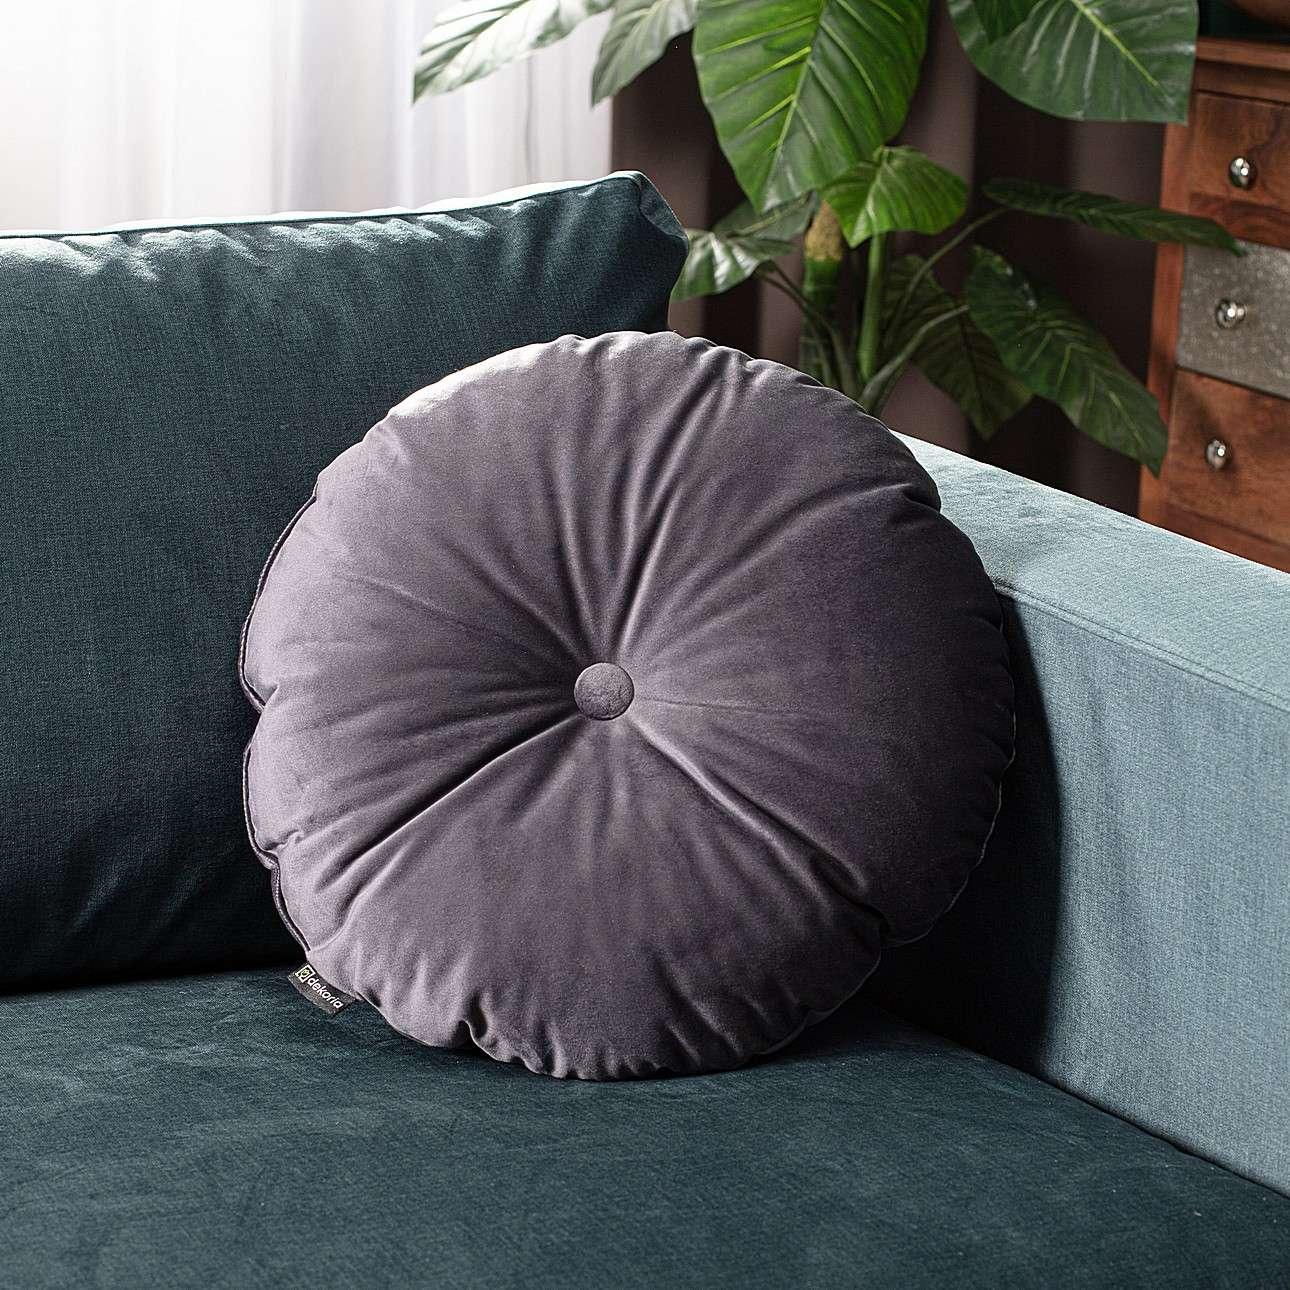 Poduszka okrągła Velvet z guzikiem w kolekcji Velvet, tkanina: 704-12